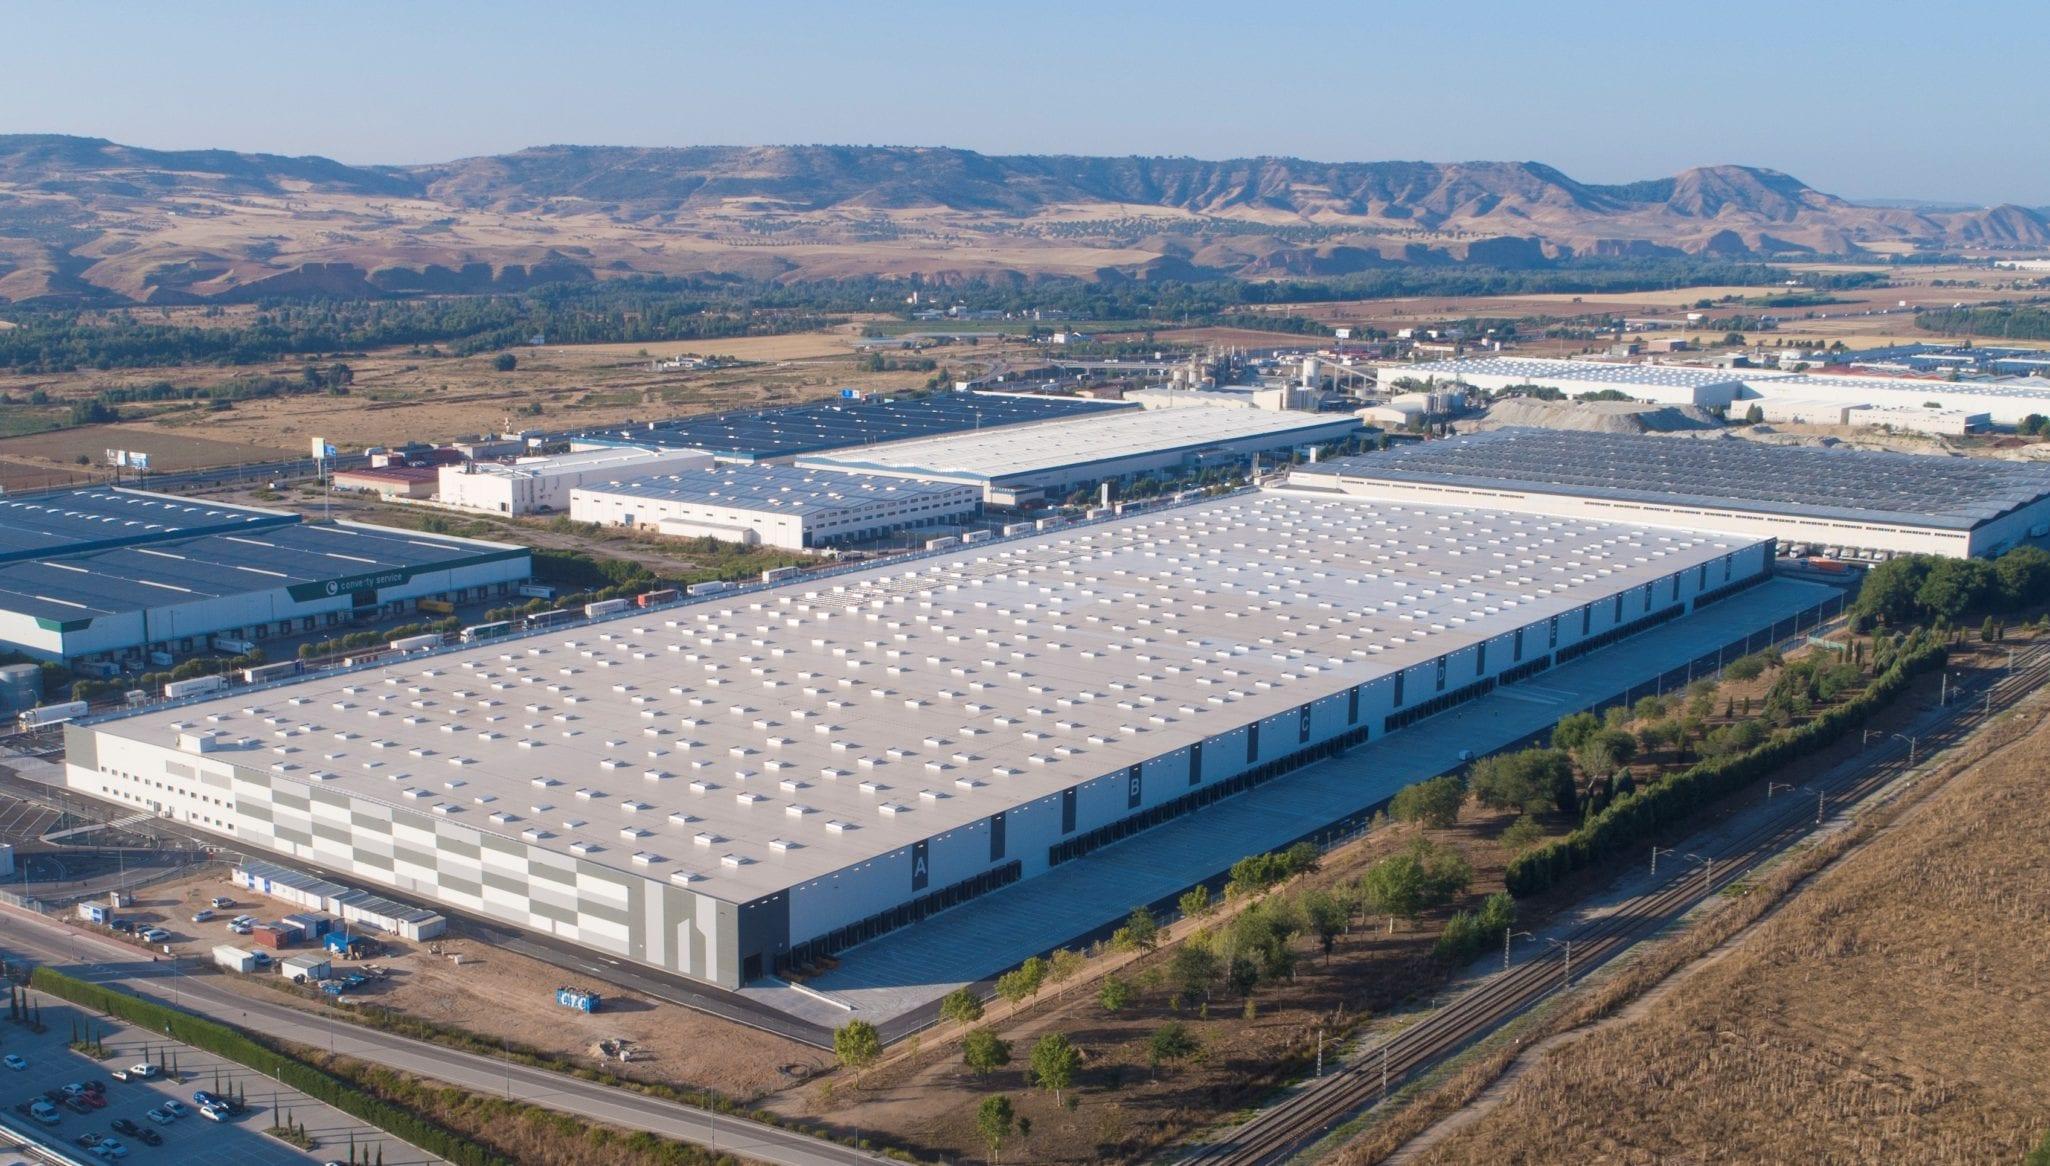 GSE Espagne livre le 1er entrepôt logistique d'Europe à recevoir la plus haute certification environnementale LEED